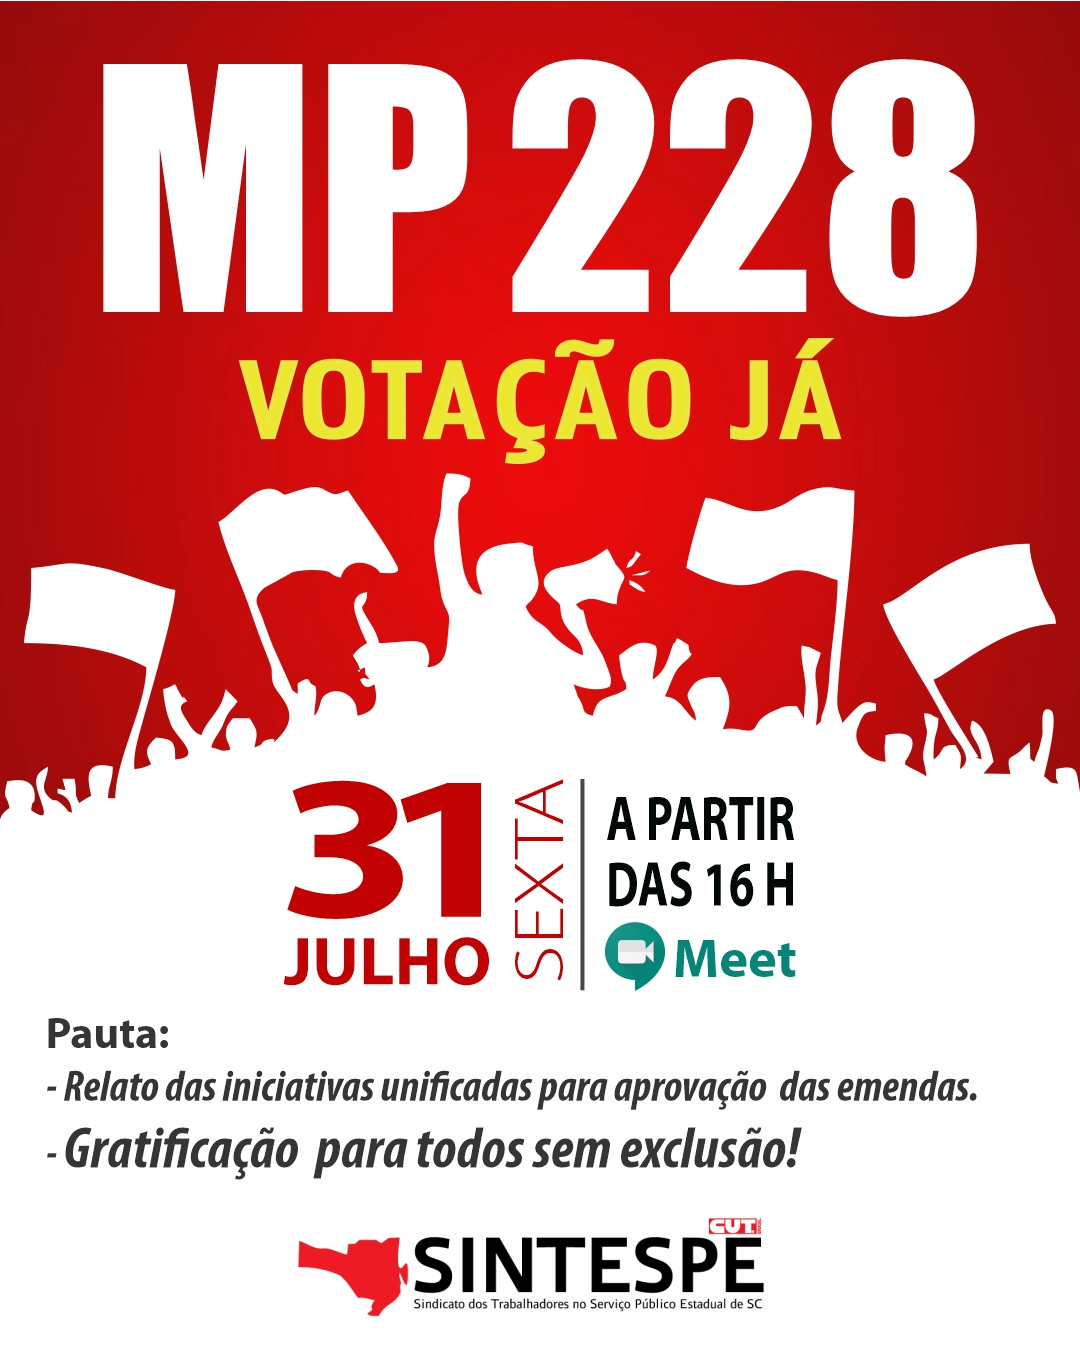 REUNIÃO MP 228: VOTAÇÃO JÁ!